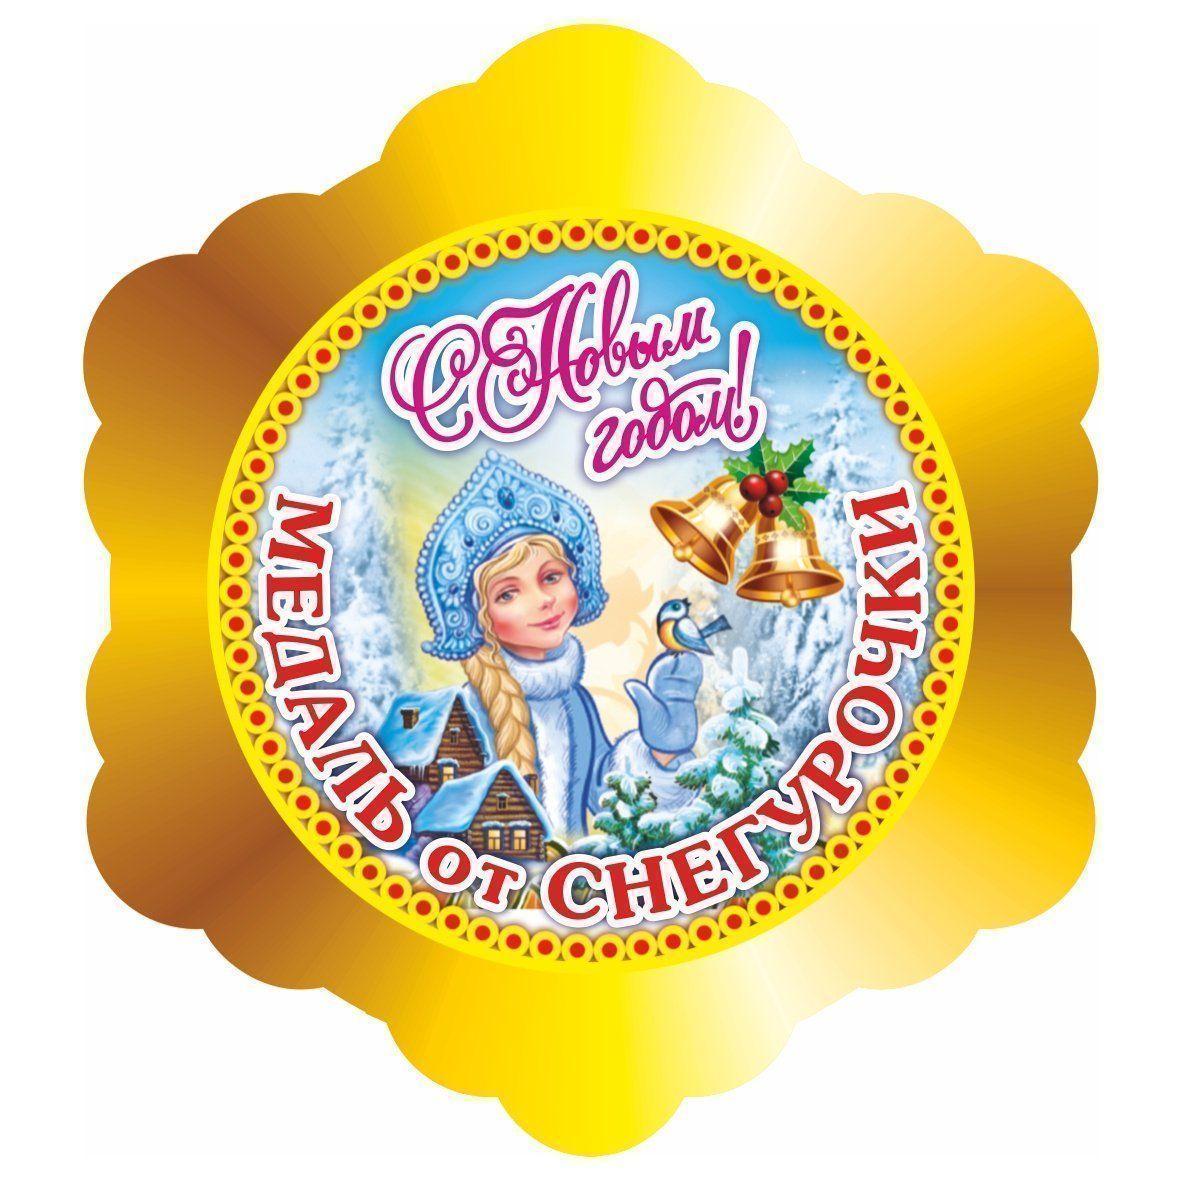 Медаль-снежинка от Снегурочки С Новым годом!Медали<br>НОВИНКА! Медали из полистирола.  Современный, лёгкий и безопасный материал, создающий объёмный эффект. Яркие дизайны, большой ассортимент  -  это отличительная особенность нашей коллекции! Она порадует всех - и детей, и взрослых. Мы рады подарить Вам праз...<br><br>Год: 2018<br>Серия: Медали<br>Высота: 90<br>Ширина: 90<br>Толщина: 3.4